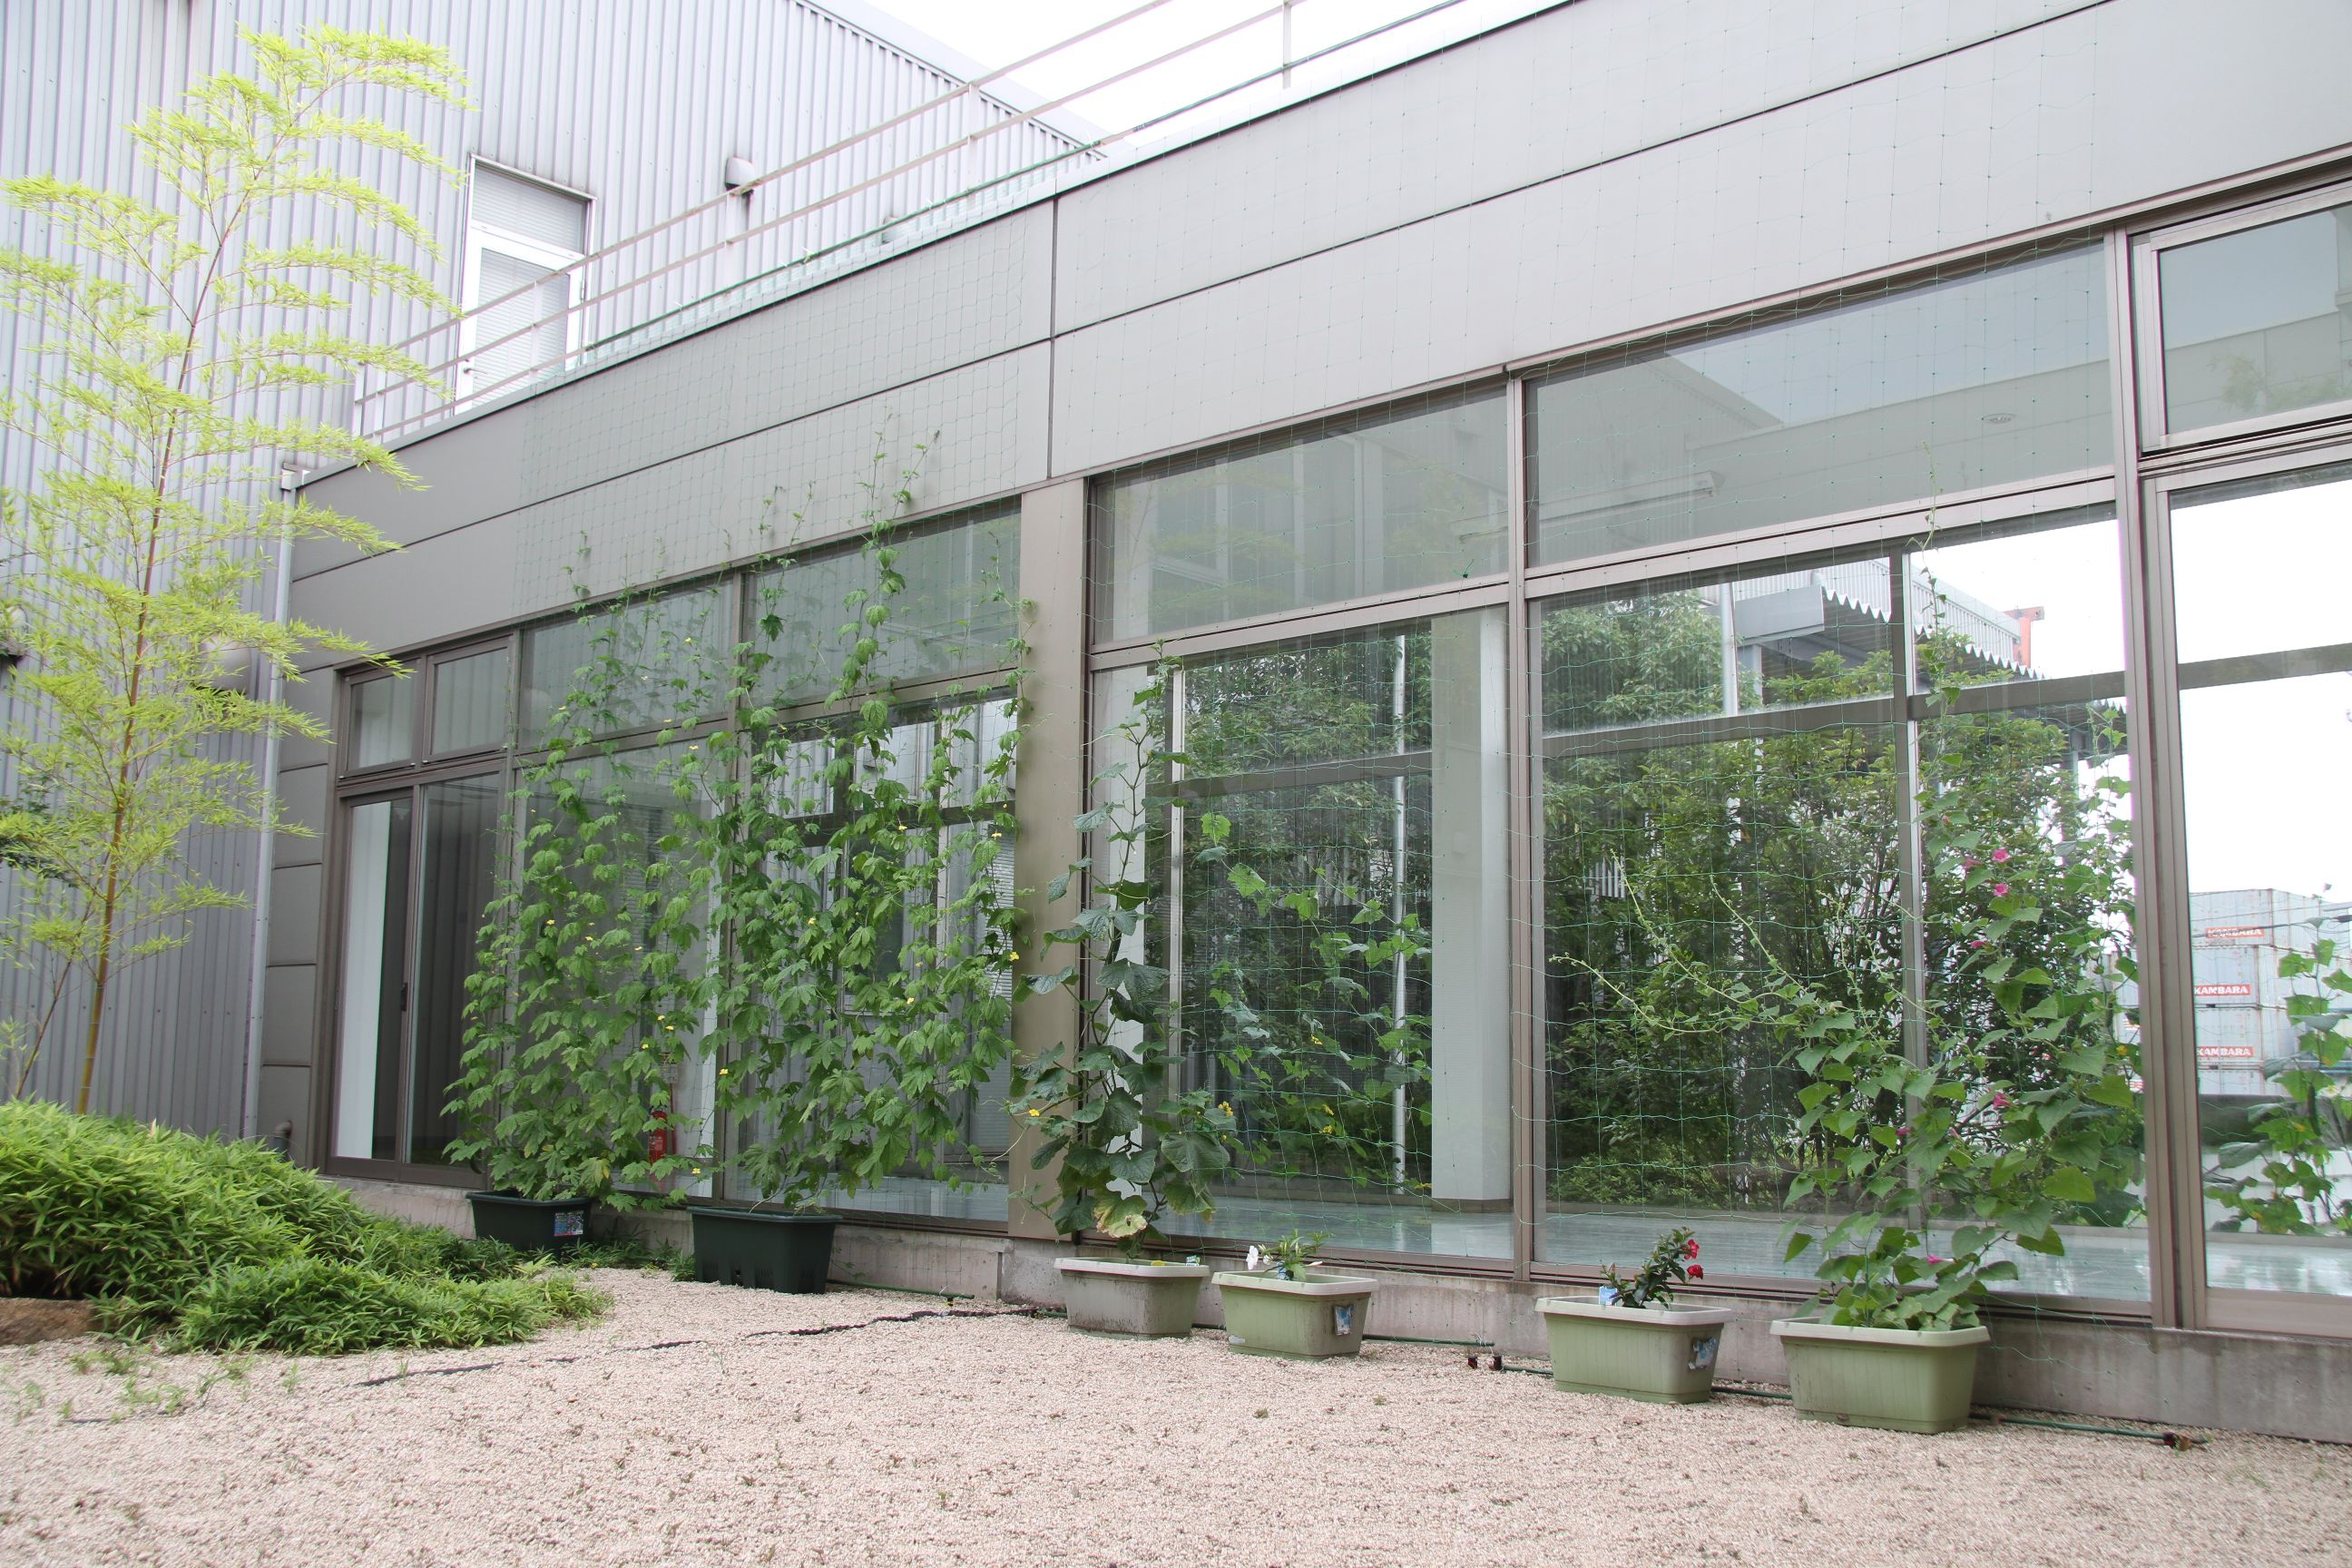 神原汽船福山物流センターの緑のカーテン